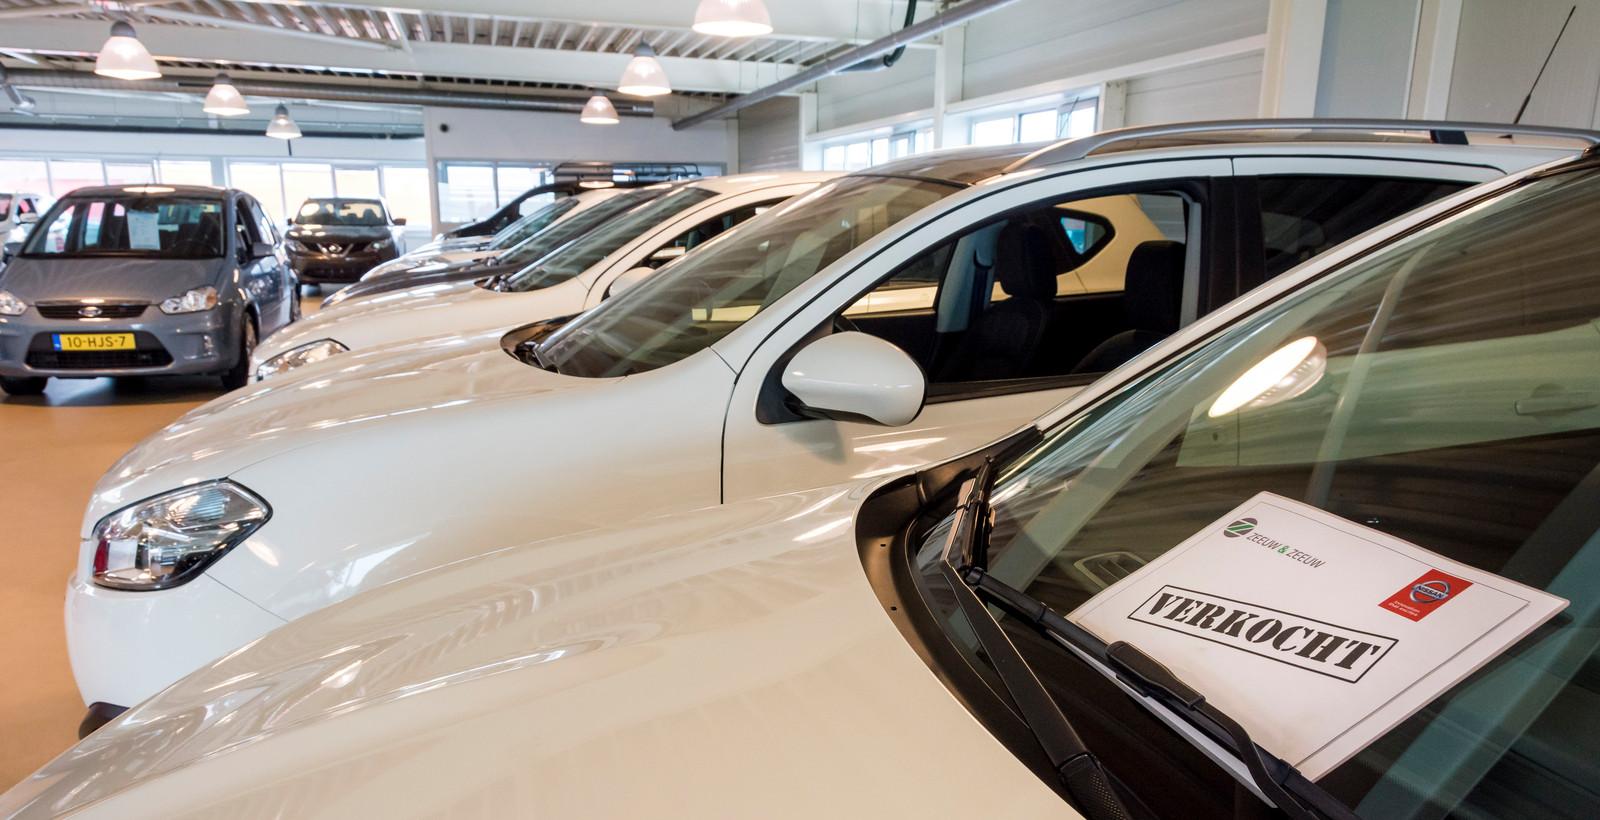 2016-08-19 14:13:17 WATERINGEN - Door de economische groei worden er steeds meer auto's verkocht. ANP XTRA LEX VAN LIESHOUT